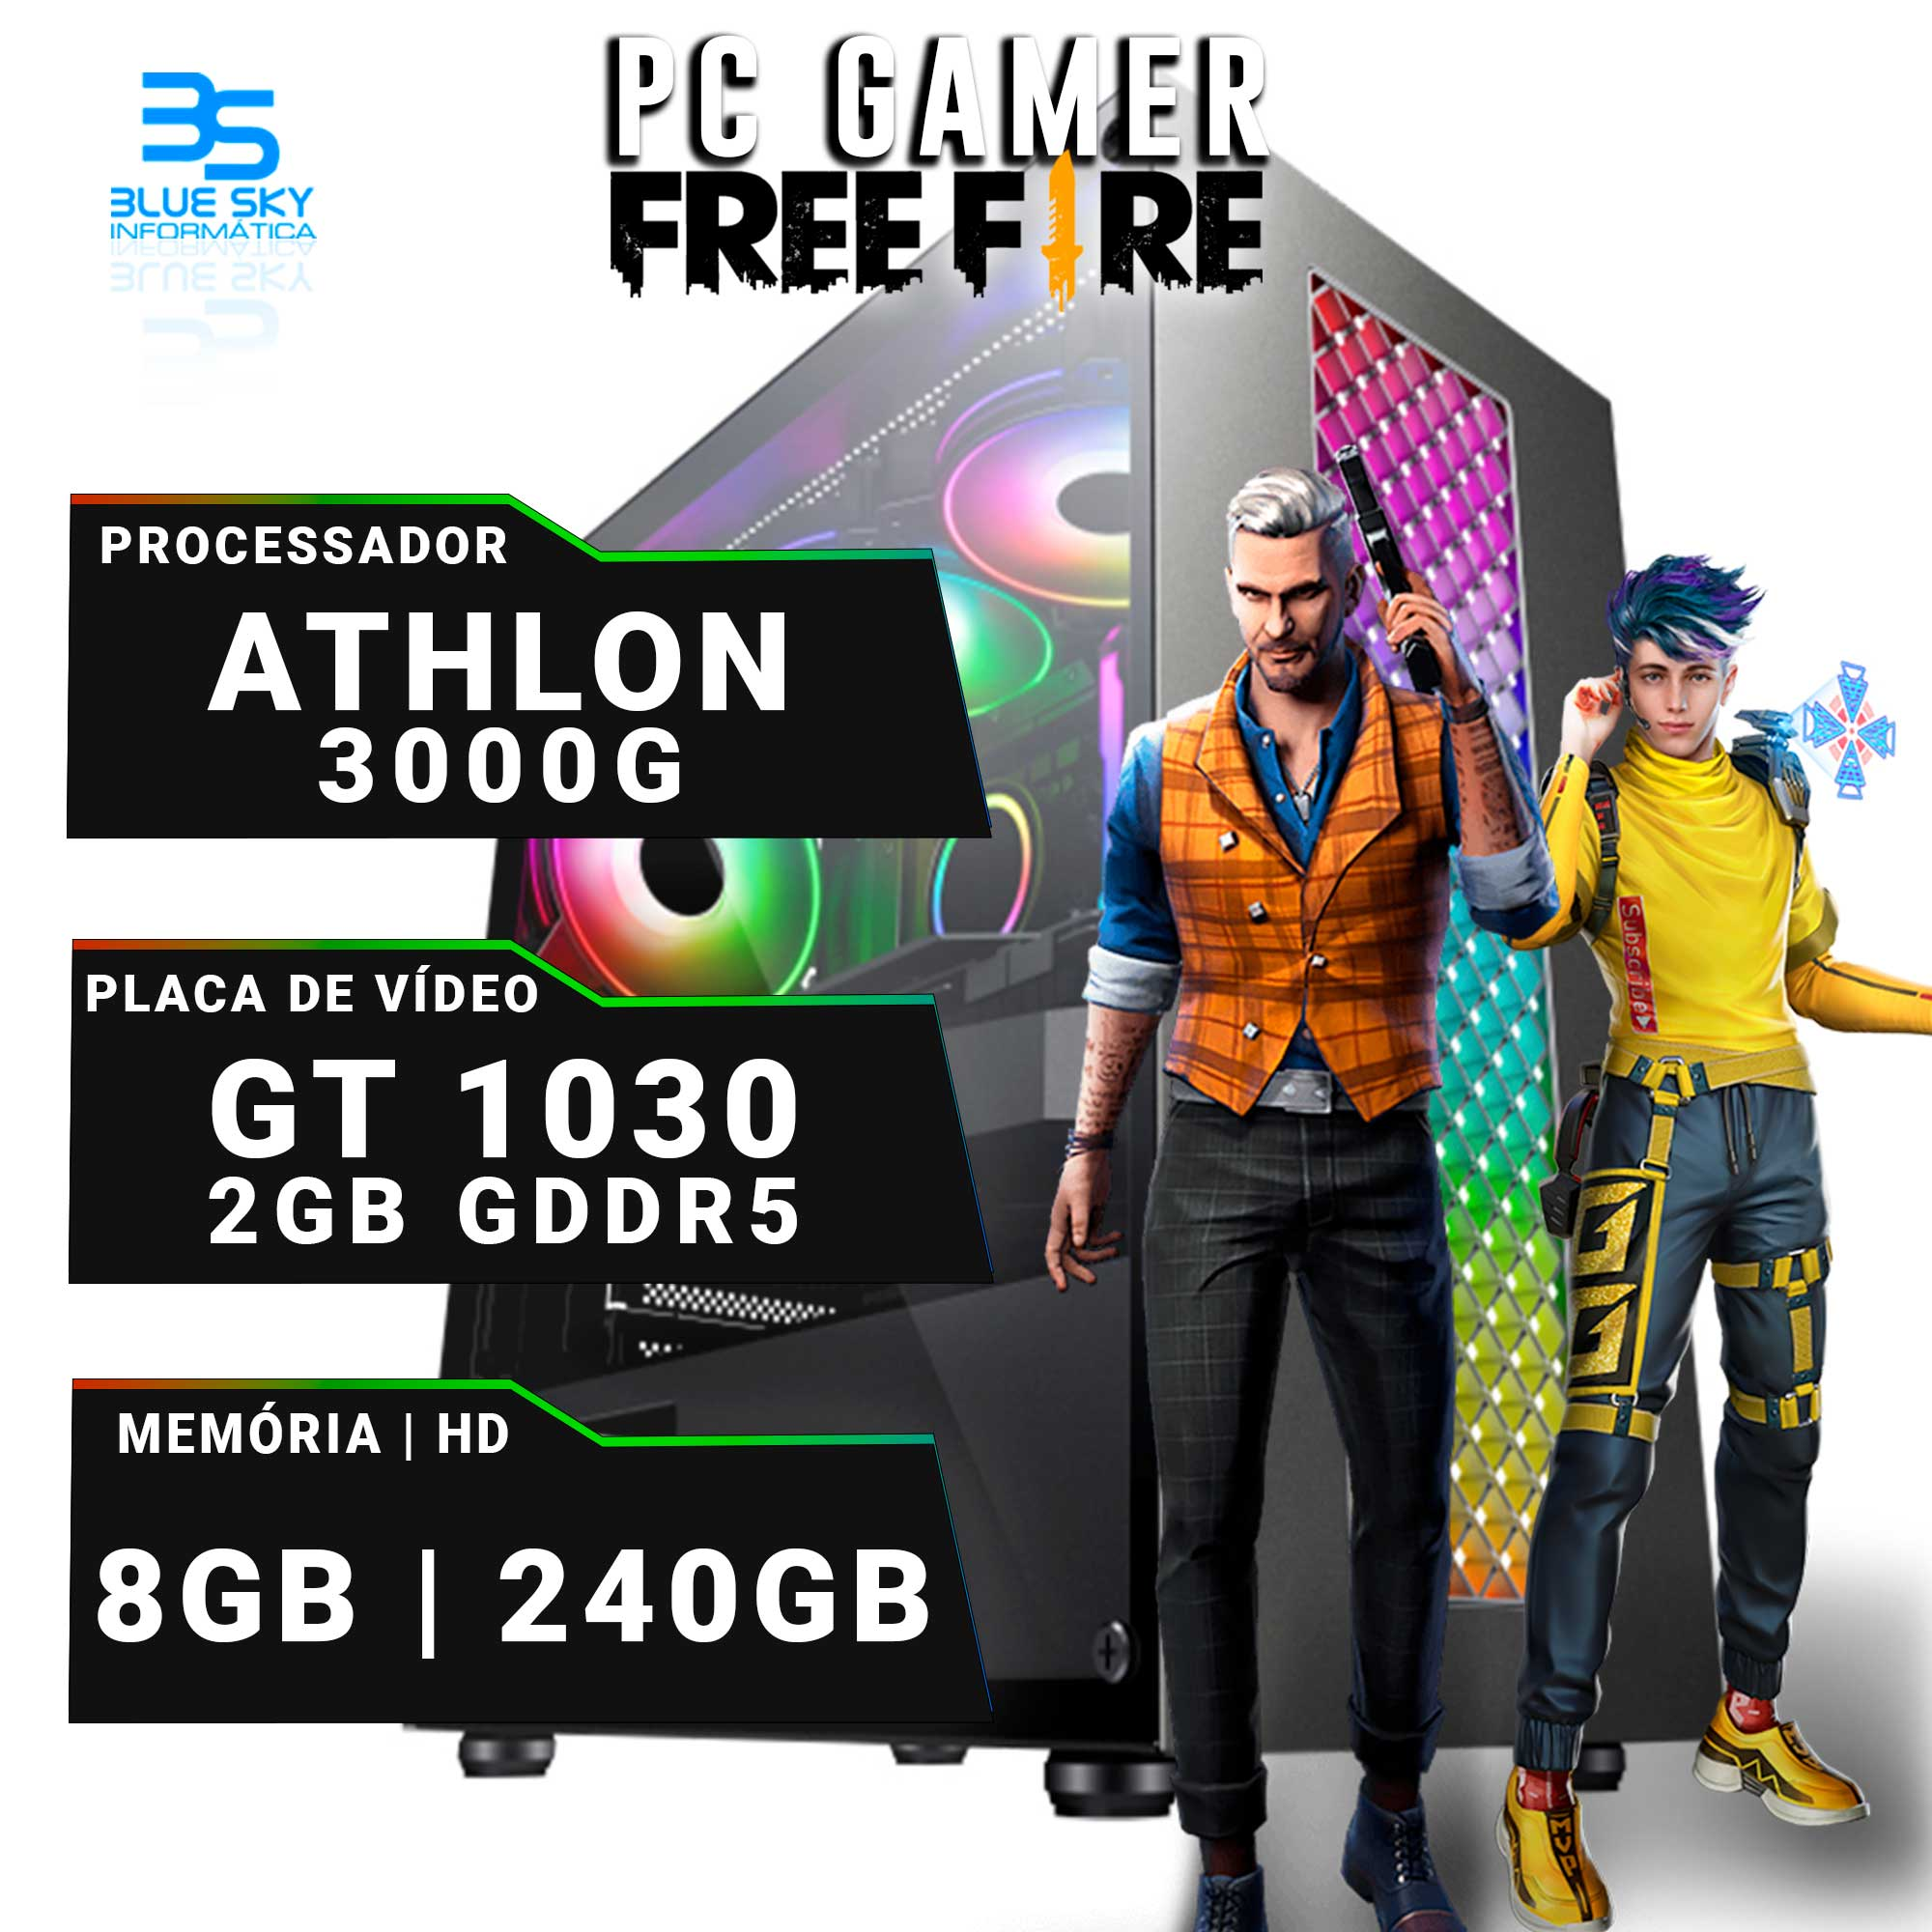 Computador Gamer Athlon 3000G, 8GB DDR4, GT 1030 2GB, SSD 240GB, 400W